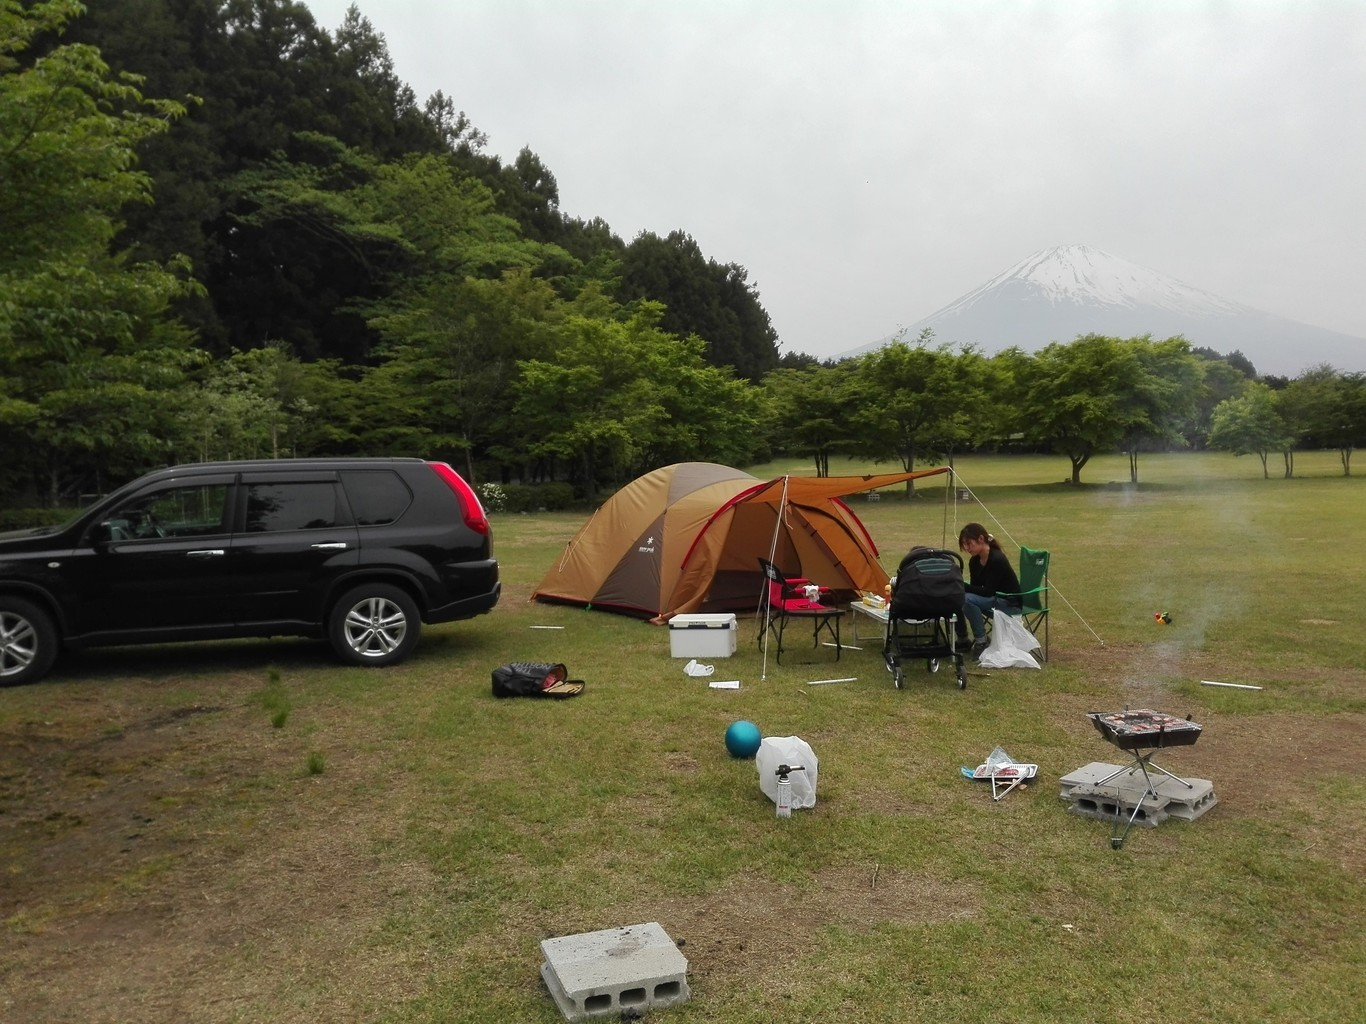 やまぼうしオートキャンプ場 の写真p5866